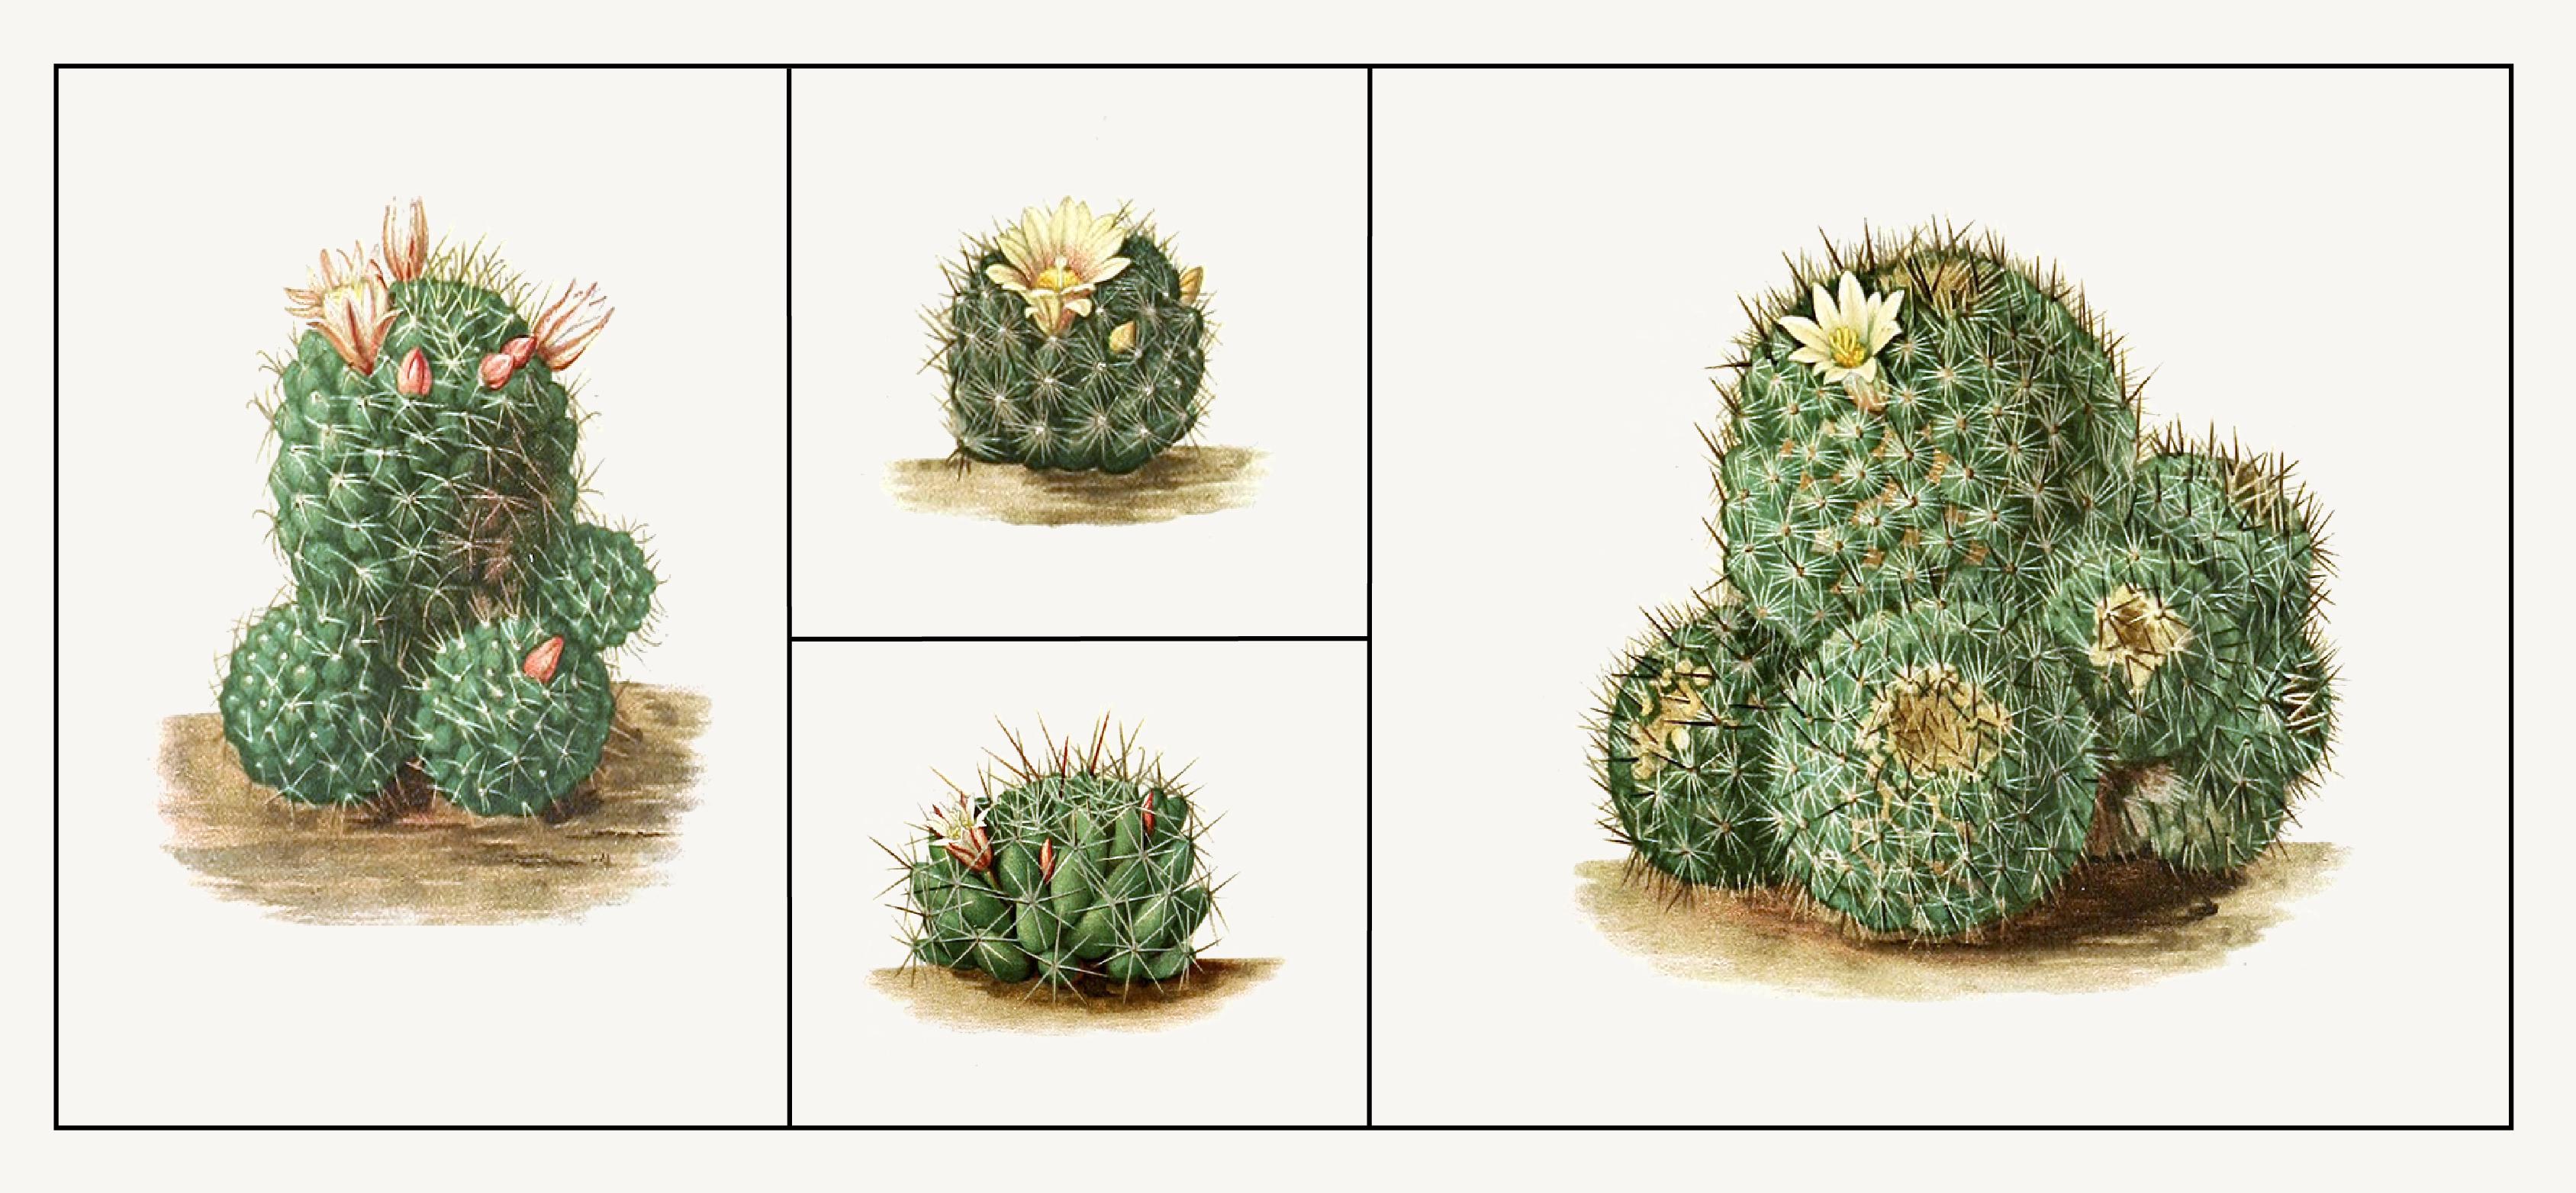 POSTPONED: Cactus & Succulents: Lecture and Terrarium Making